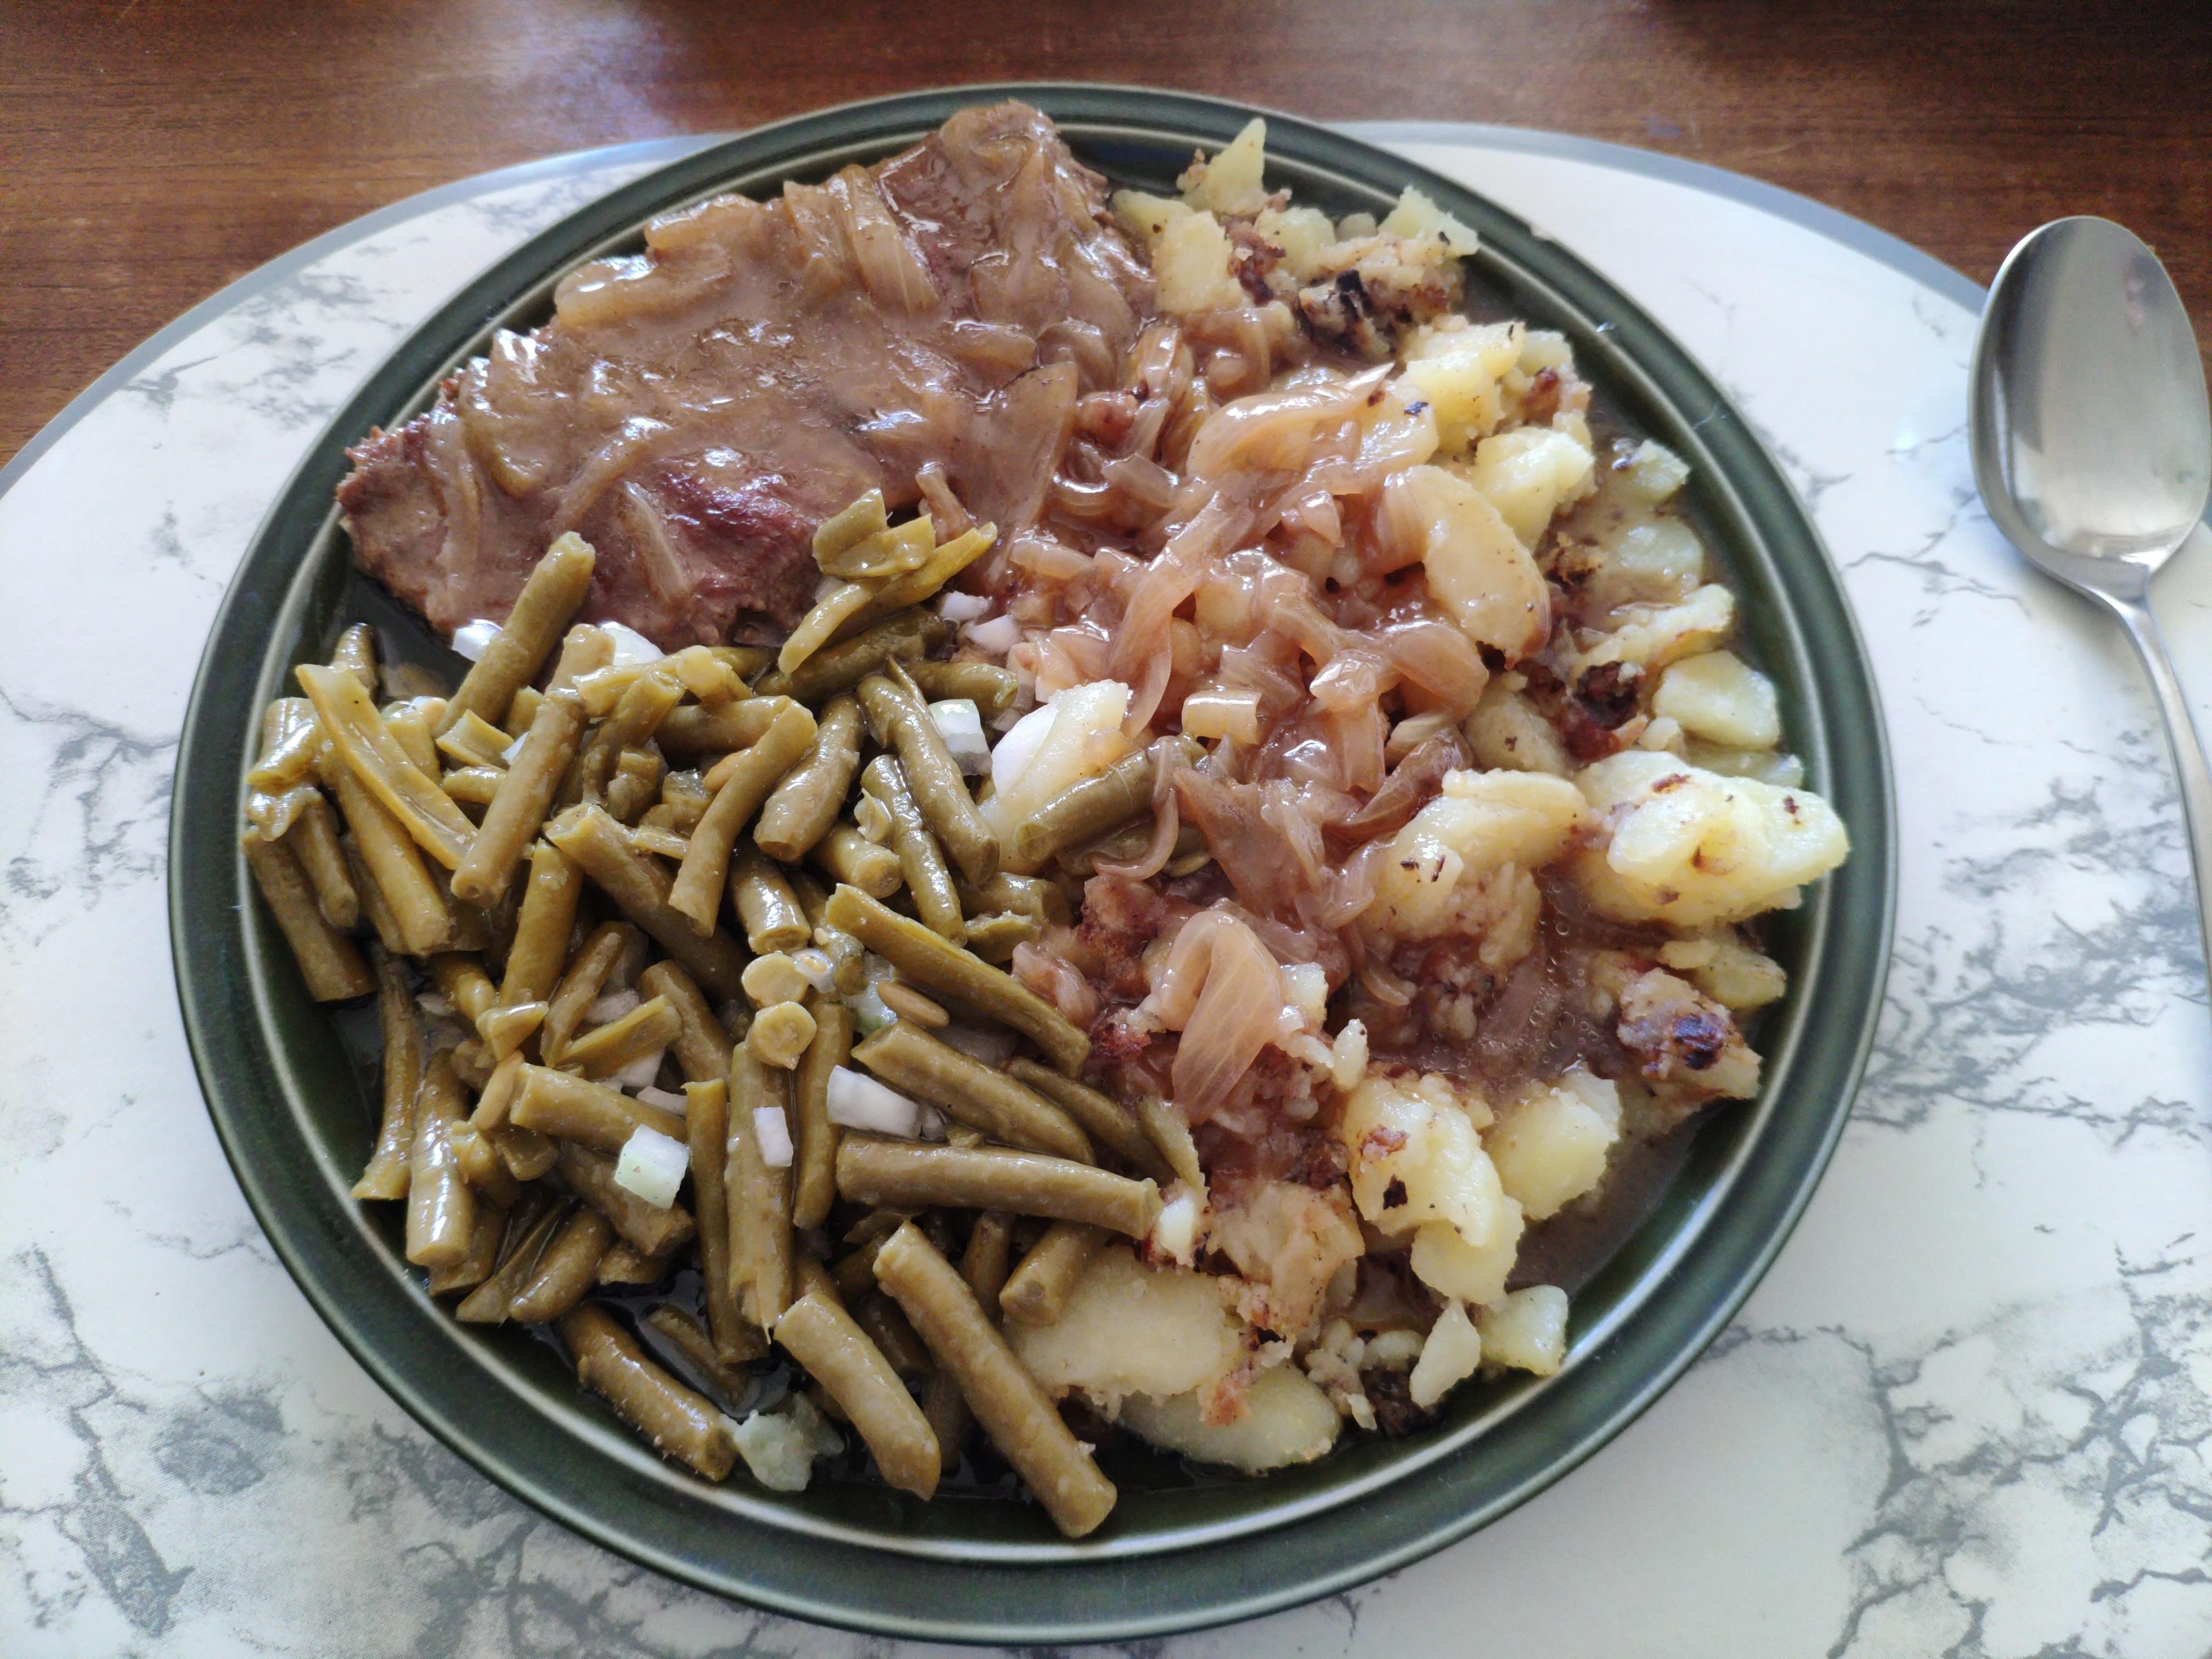 https://foodloader.net/nico_2020-07-29_zwiebelrostbraten-mit-bratkartoffeln-und-bohnensalat.jpg